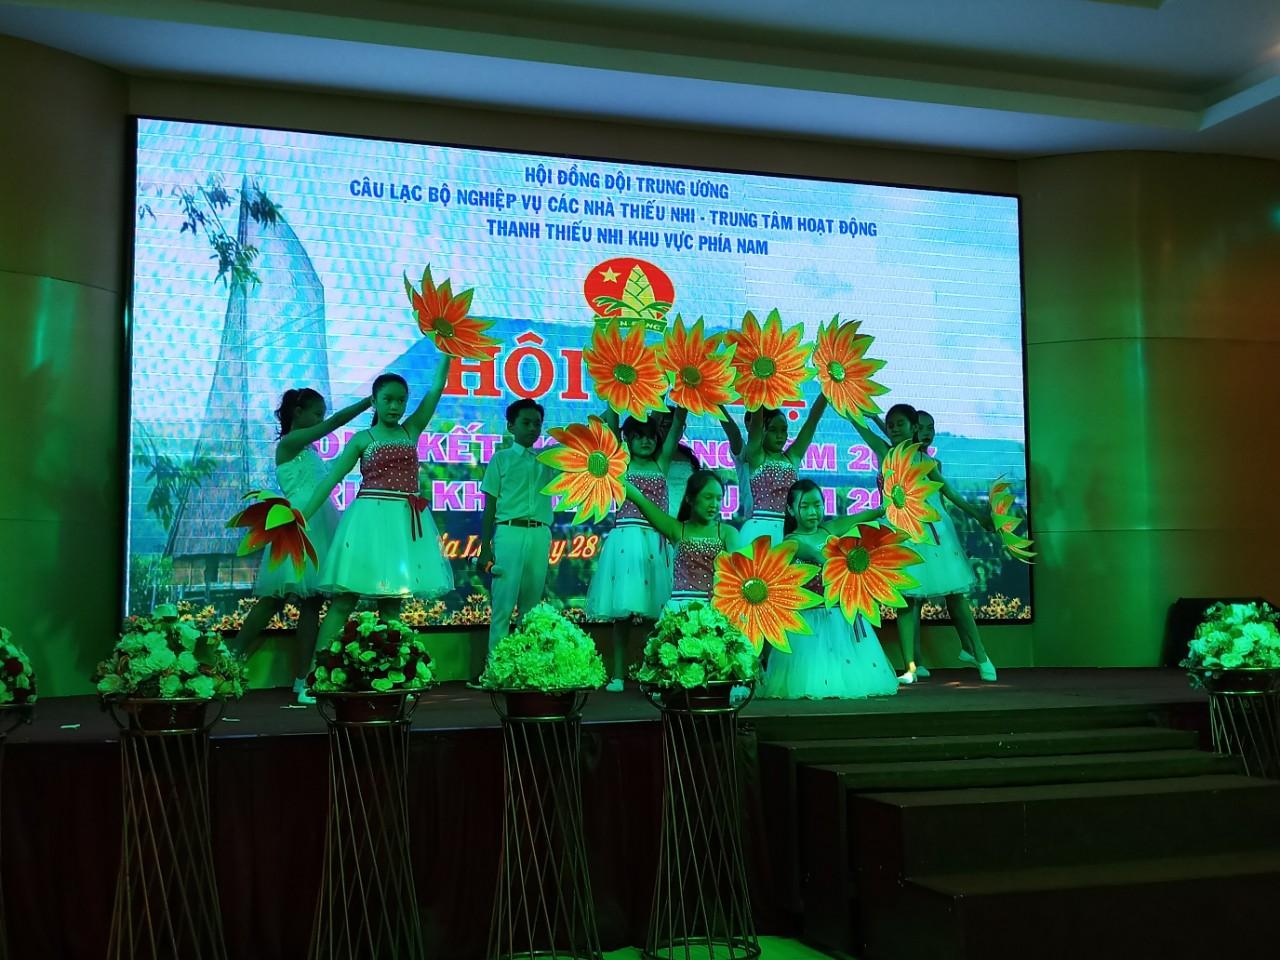 Tham gia Hội nghị tổng kết hoạt động khu vực phía Nam 2017